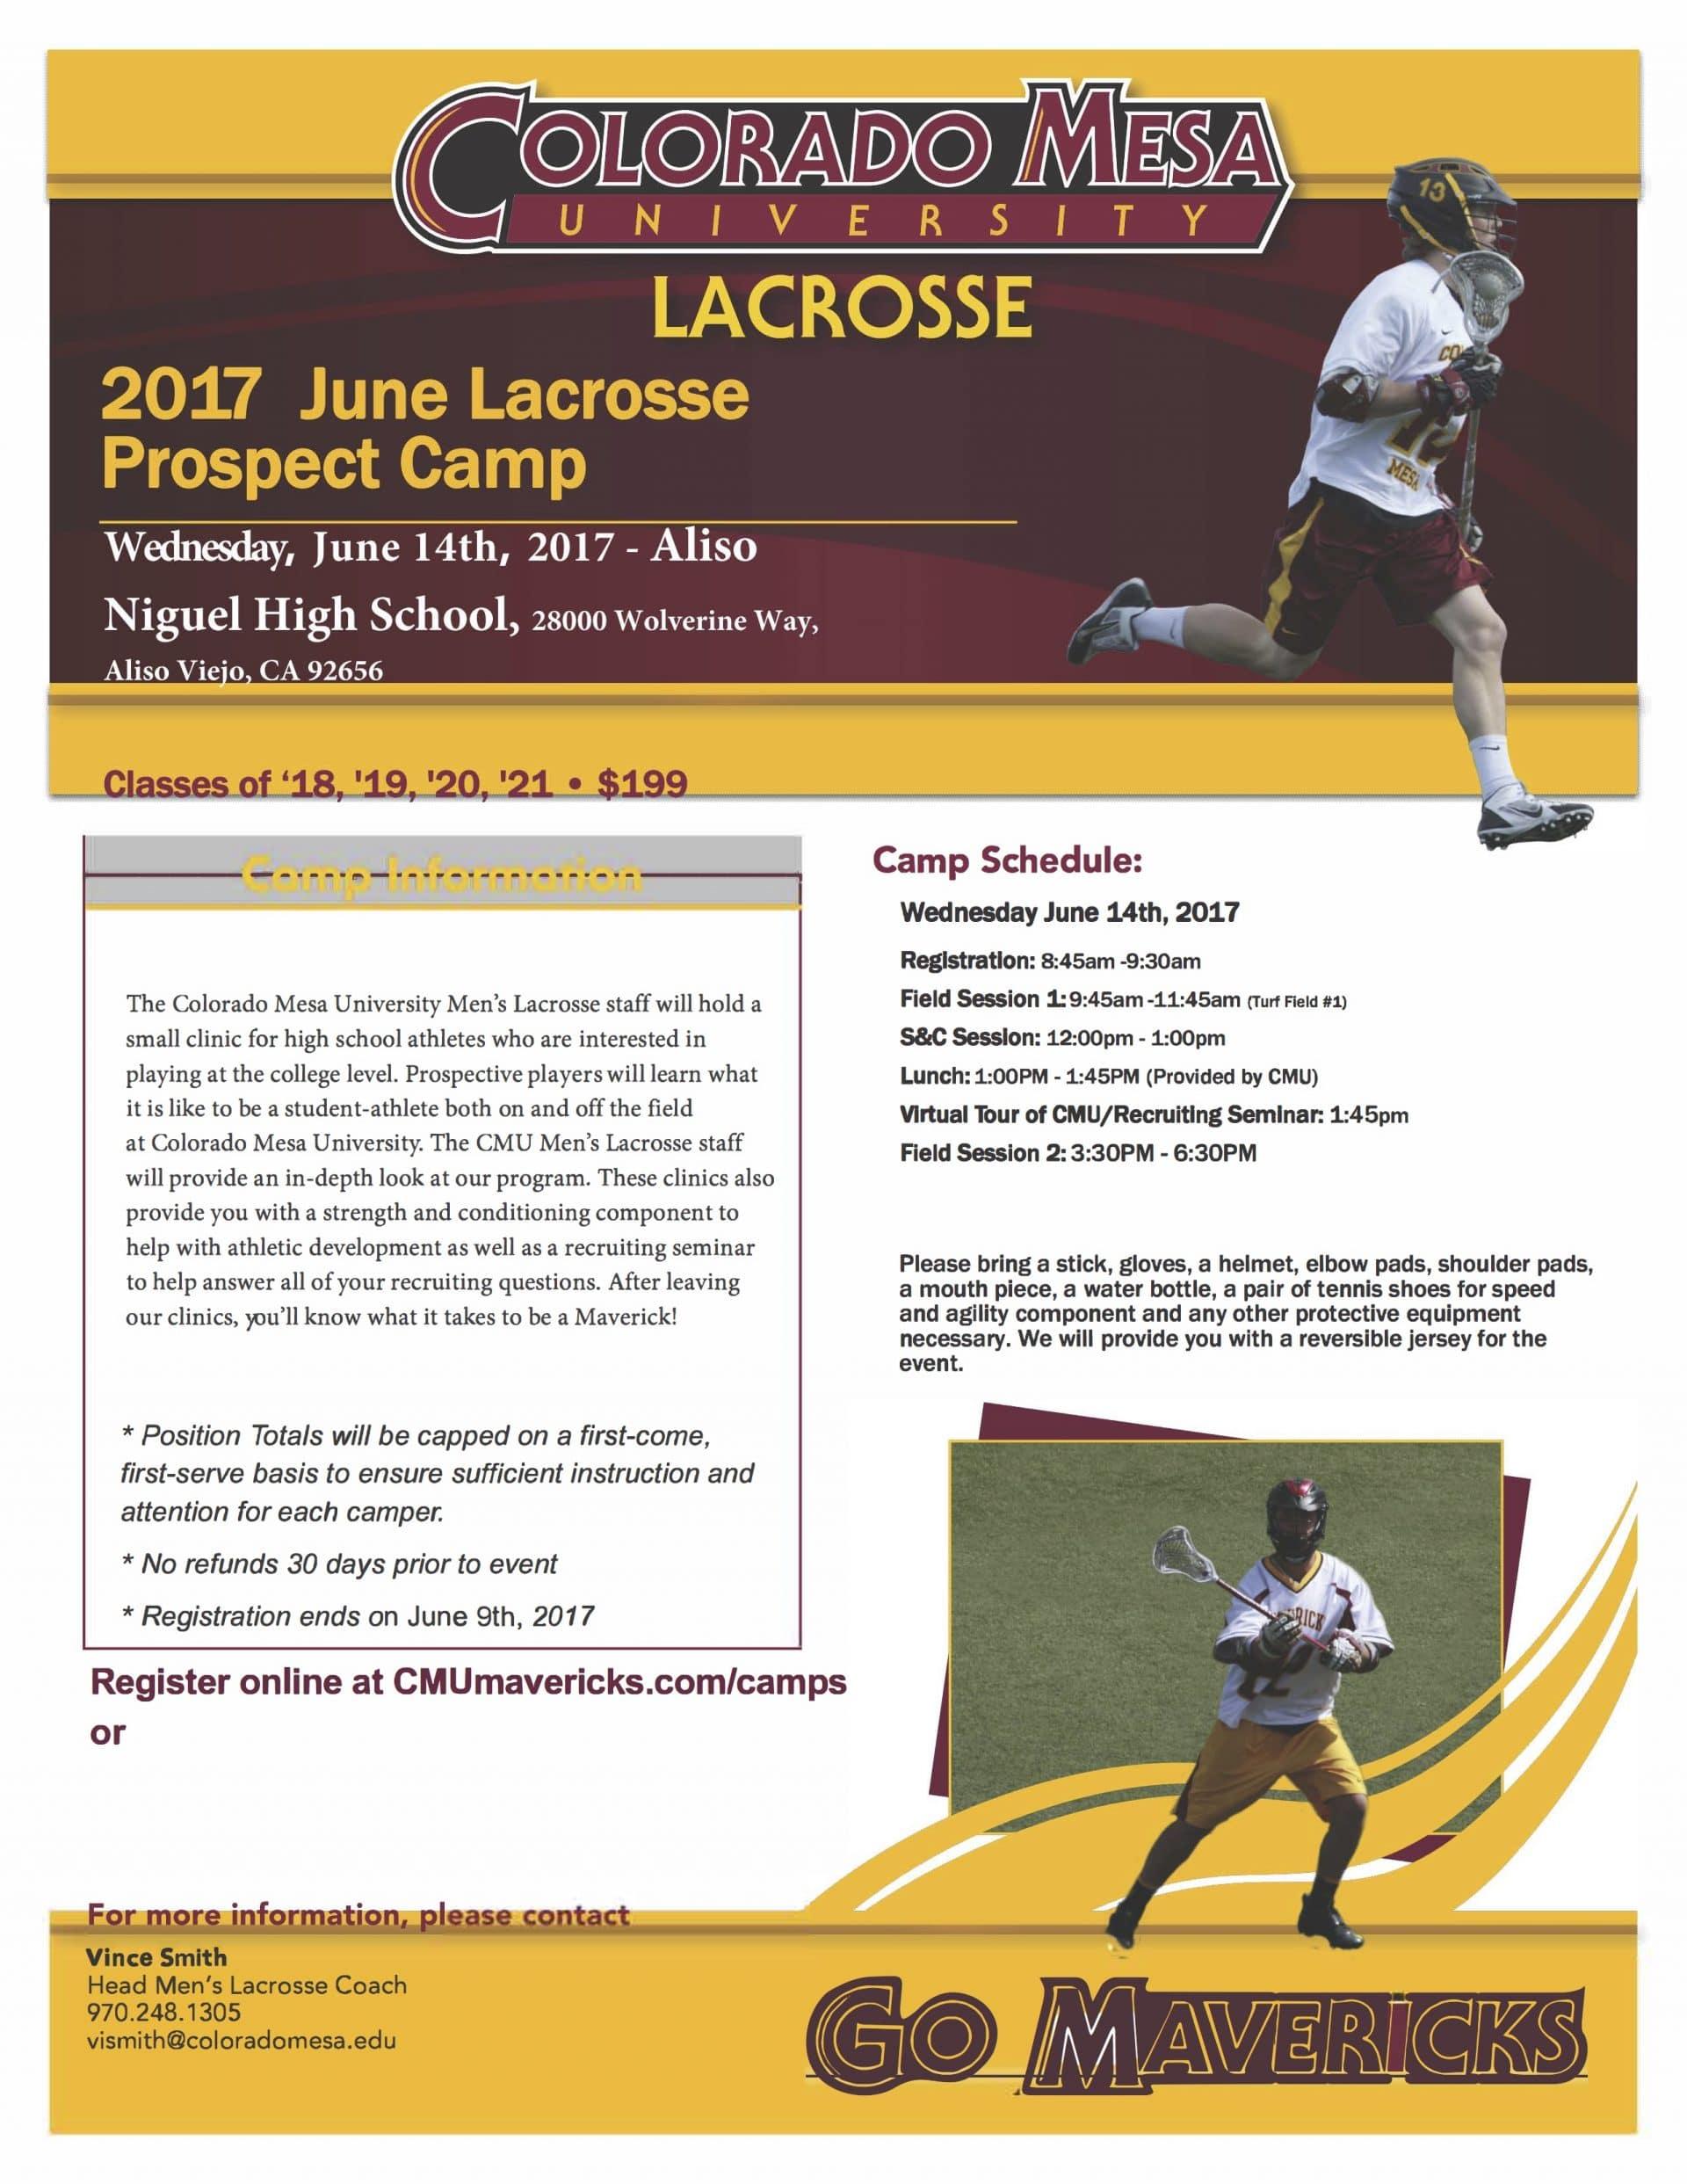 Colorado Mesa Men's Lacrosse clinic